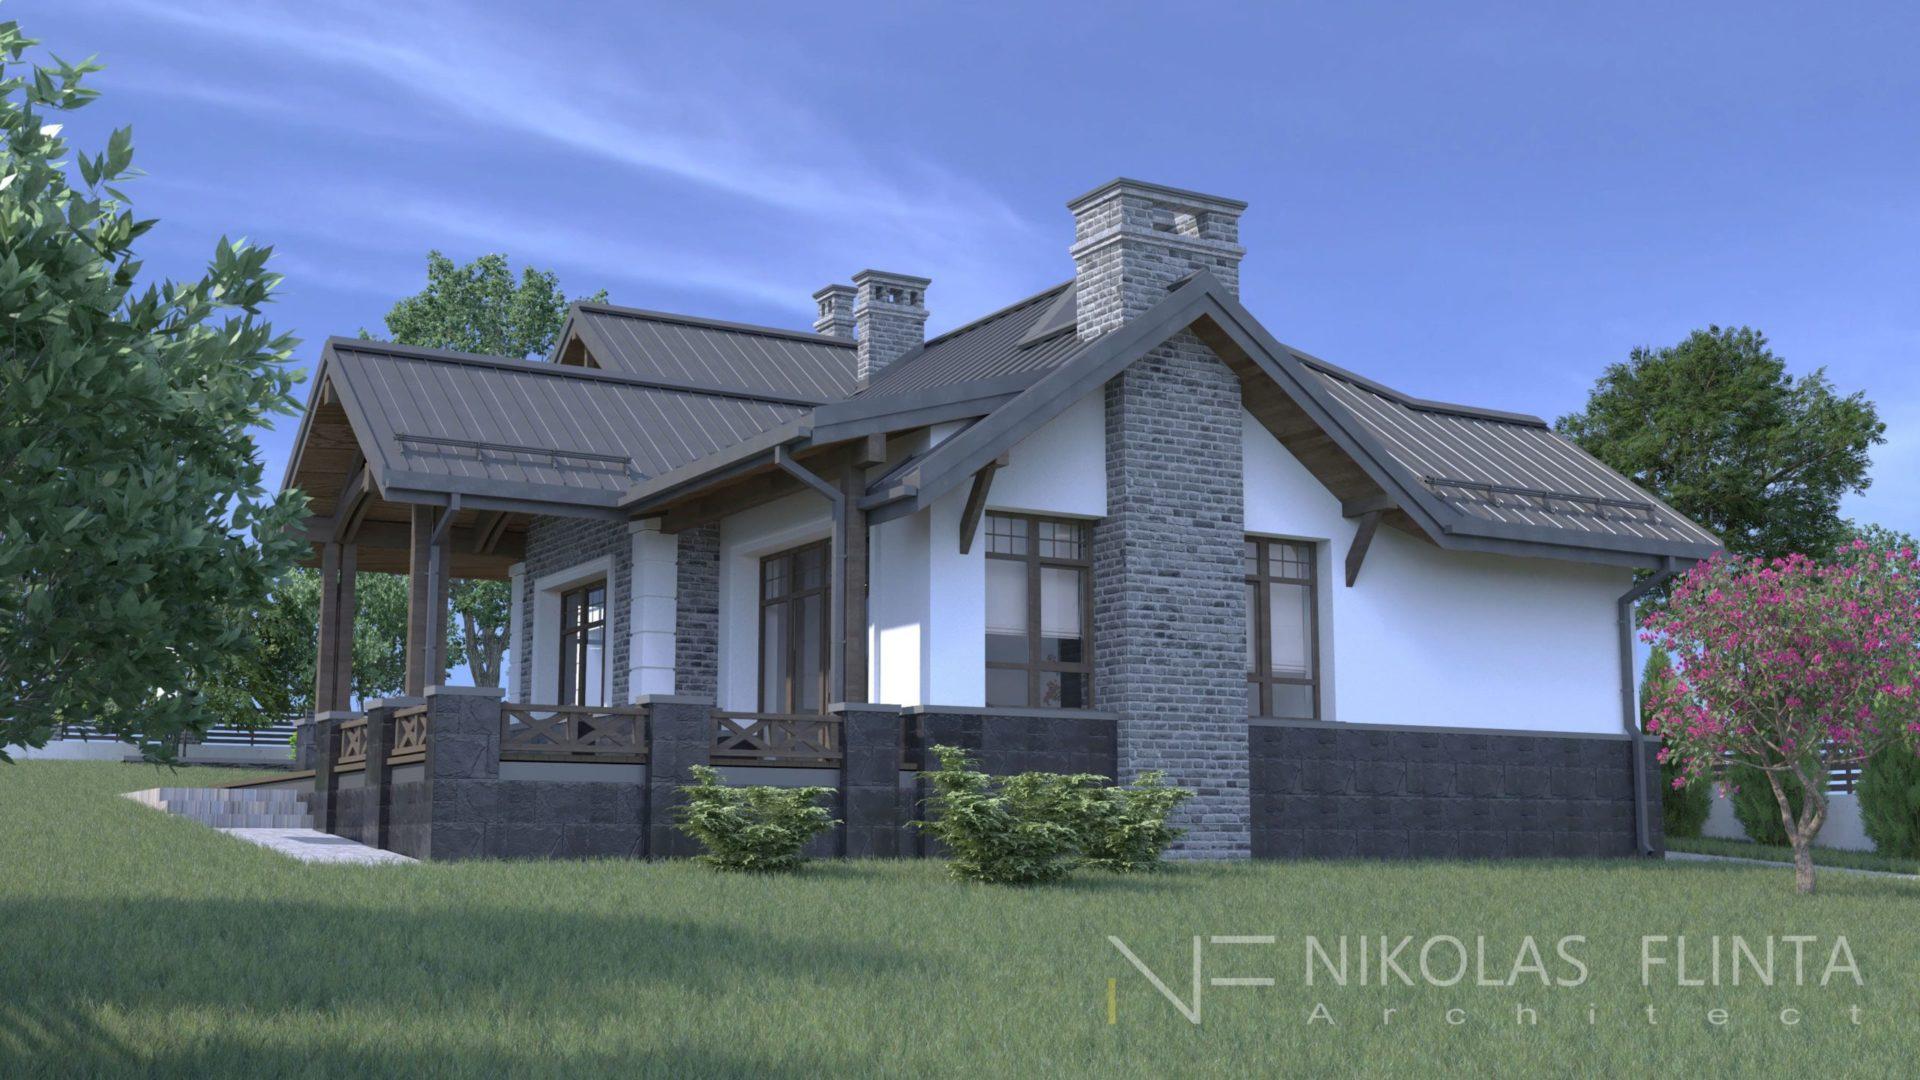 House-03NA_01-1-scaled.jpg